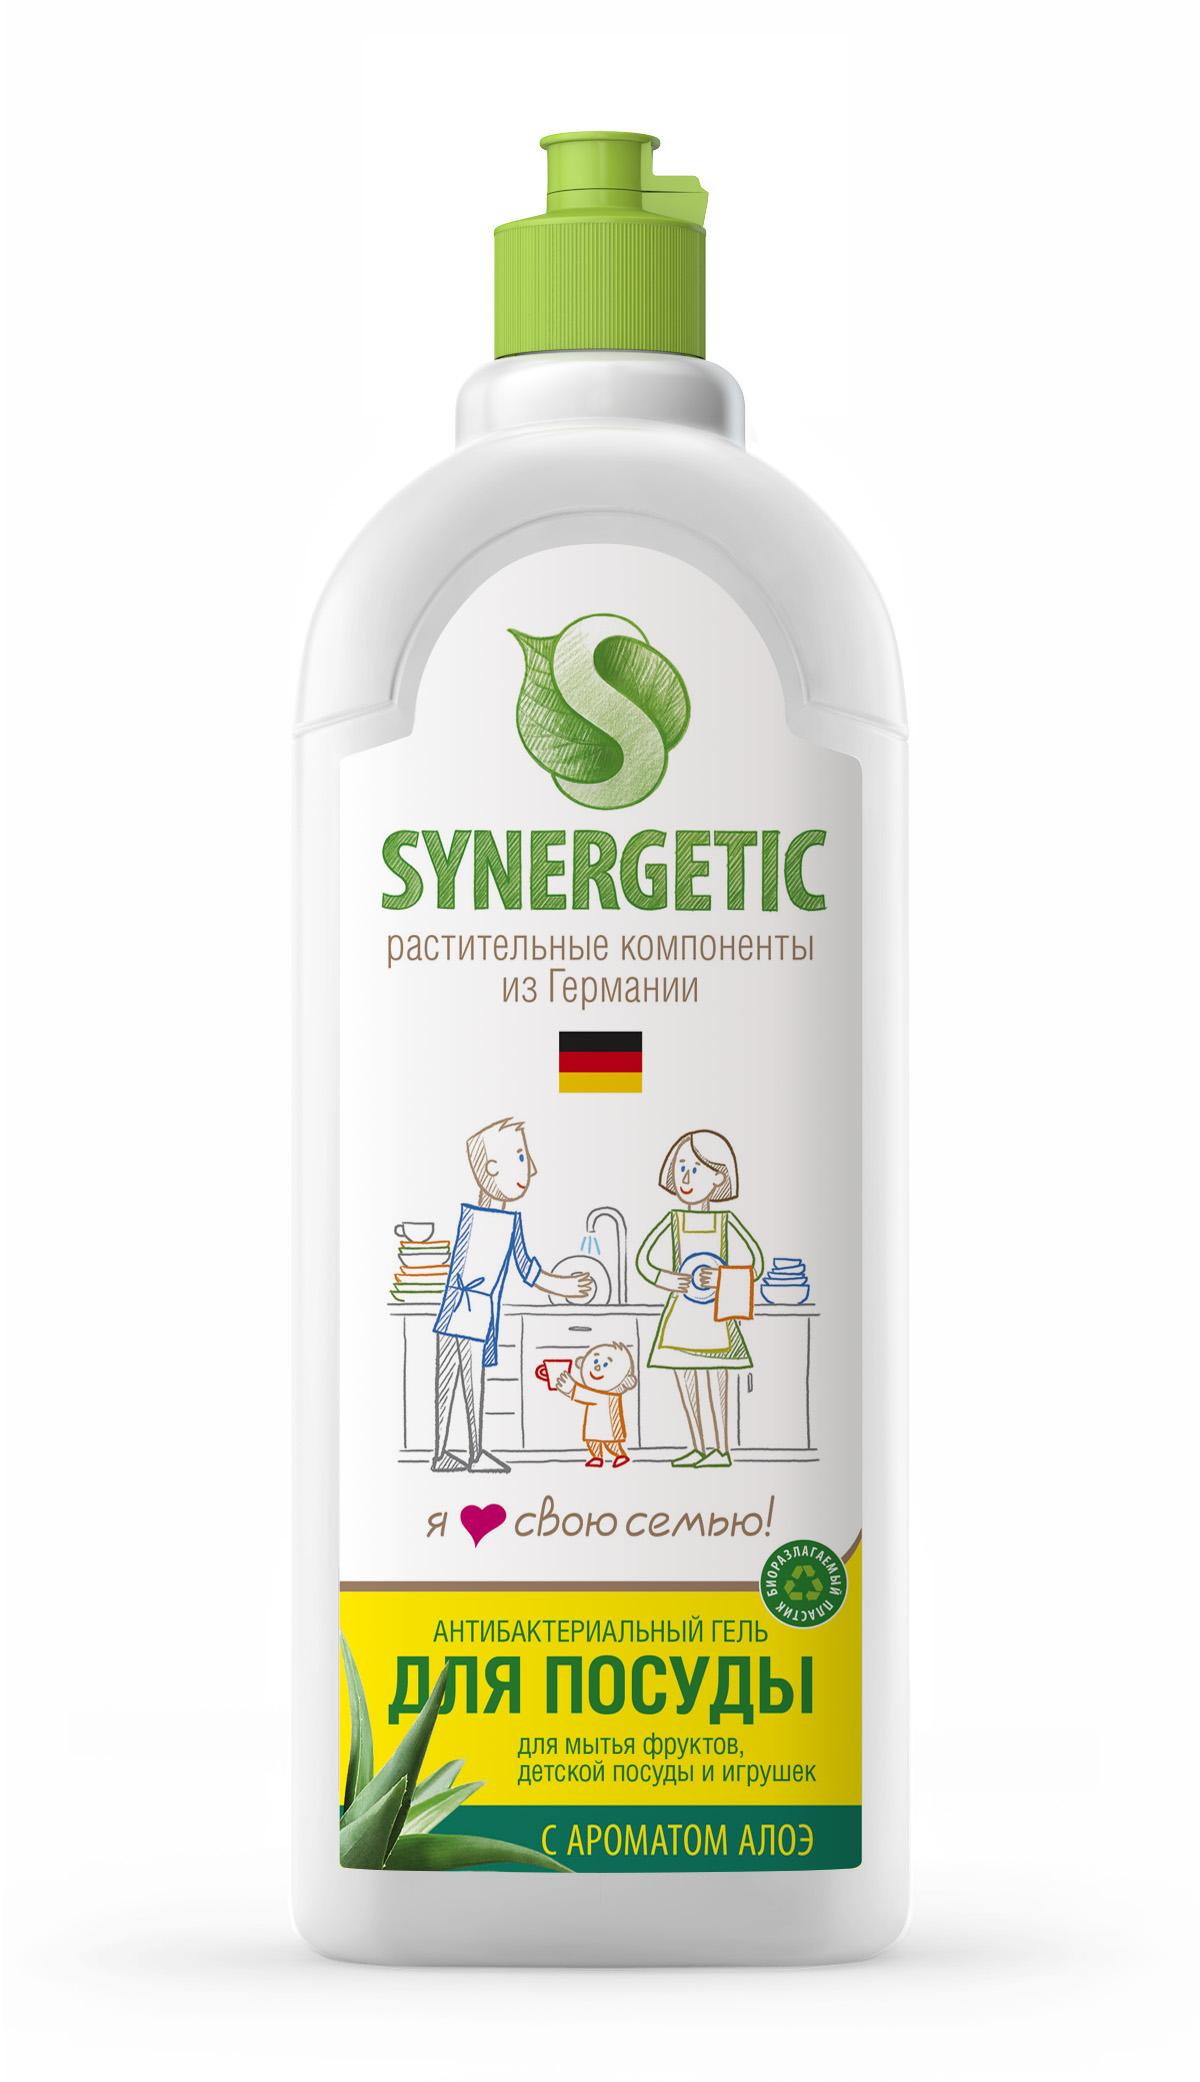 Средство для мытья посуды Synergetic, концентрированное, алоэ, 1 лSNG-103103Концентрированное средство Synergetic предназначено для мытья всех видов посуд. Обладает 100% смываемостью, подходит для мытья фруктов, детской посуды и игрушек. Удаляет жир в ледяной воде.Товар сертифицирован.Как выбрать качественную бытовую химию, безопасную для природы и людей. Статья OZON Гид